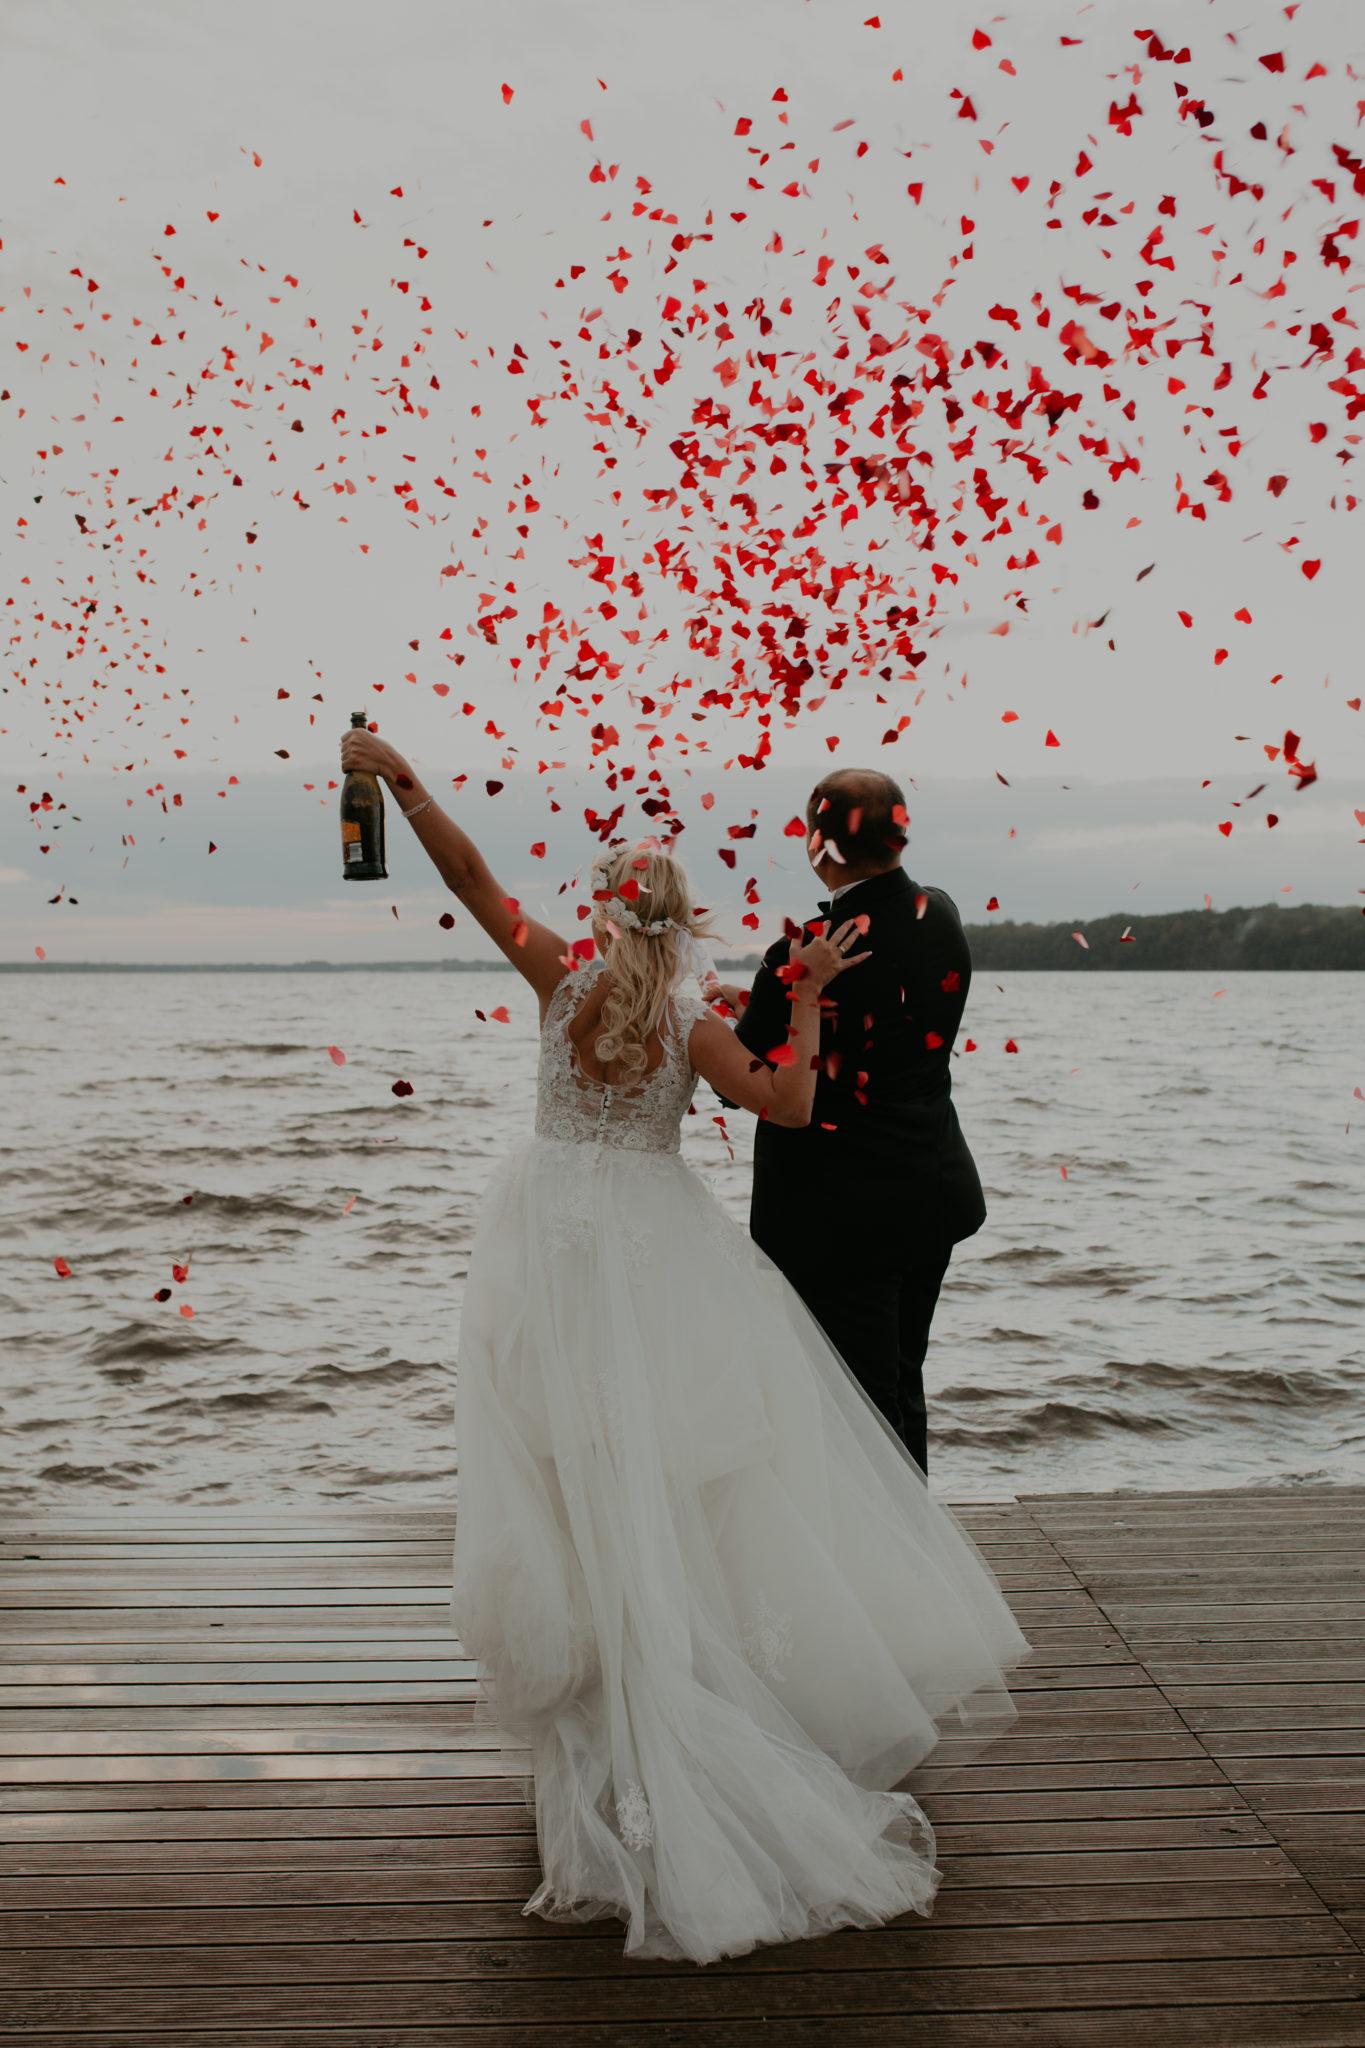 asia i mateuszplener 10 1 - fotografiaam Fotografia ślubna RK wedding